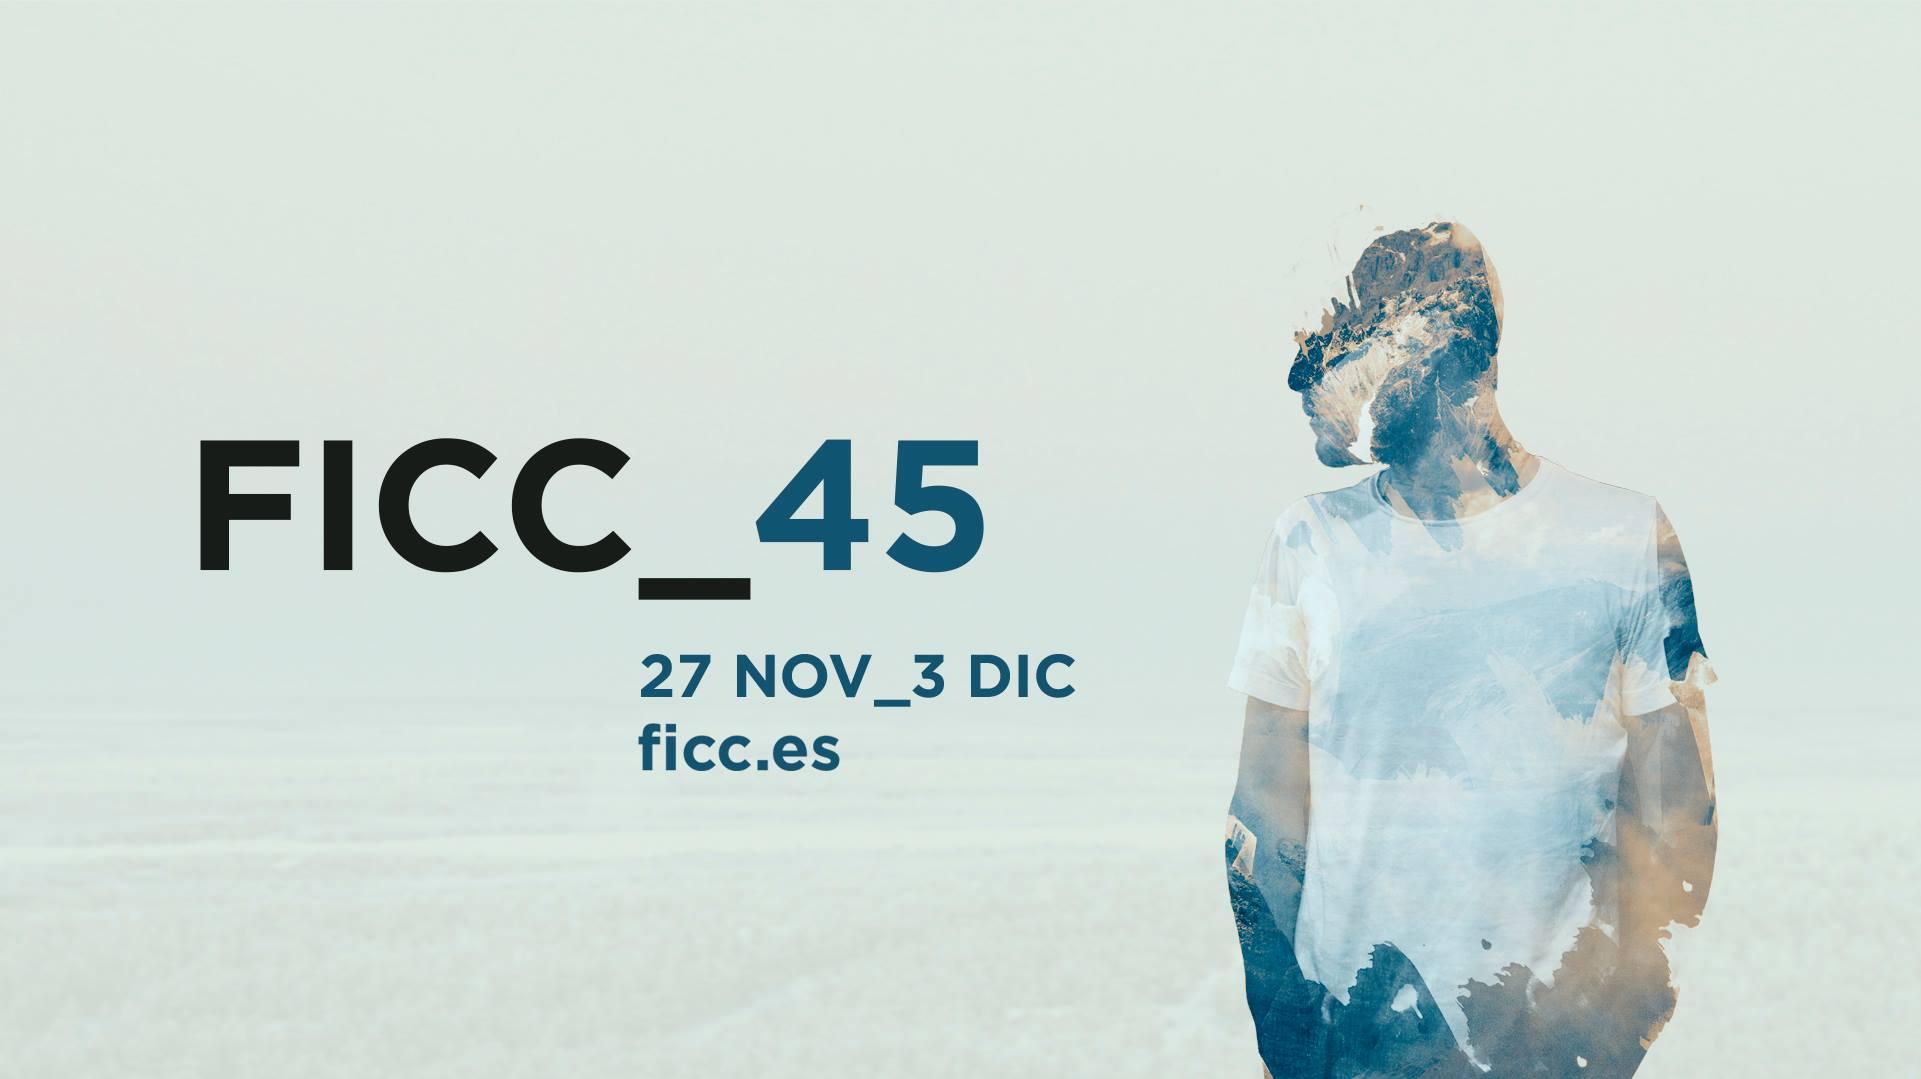 ficc-45